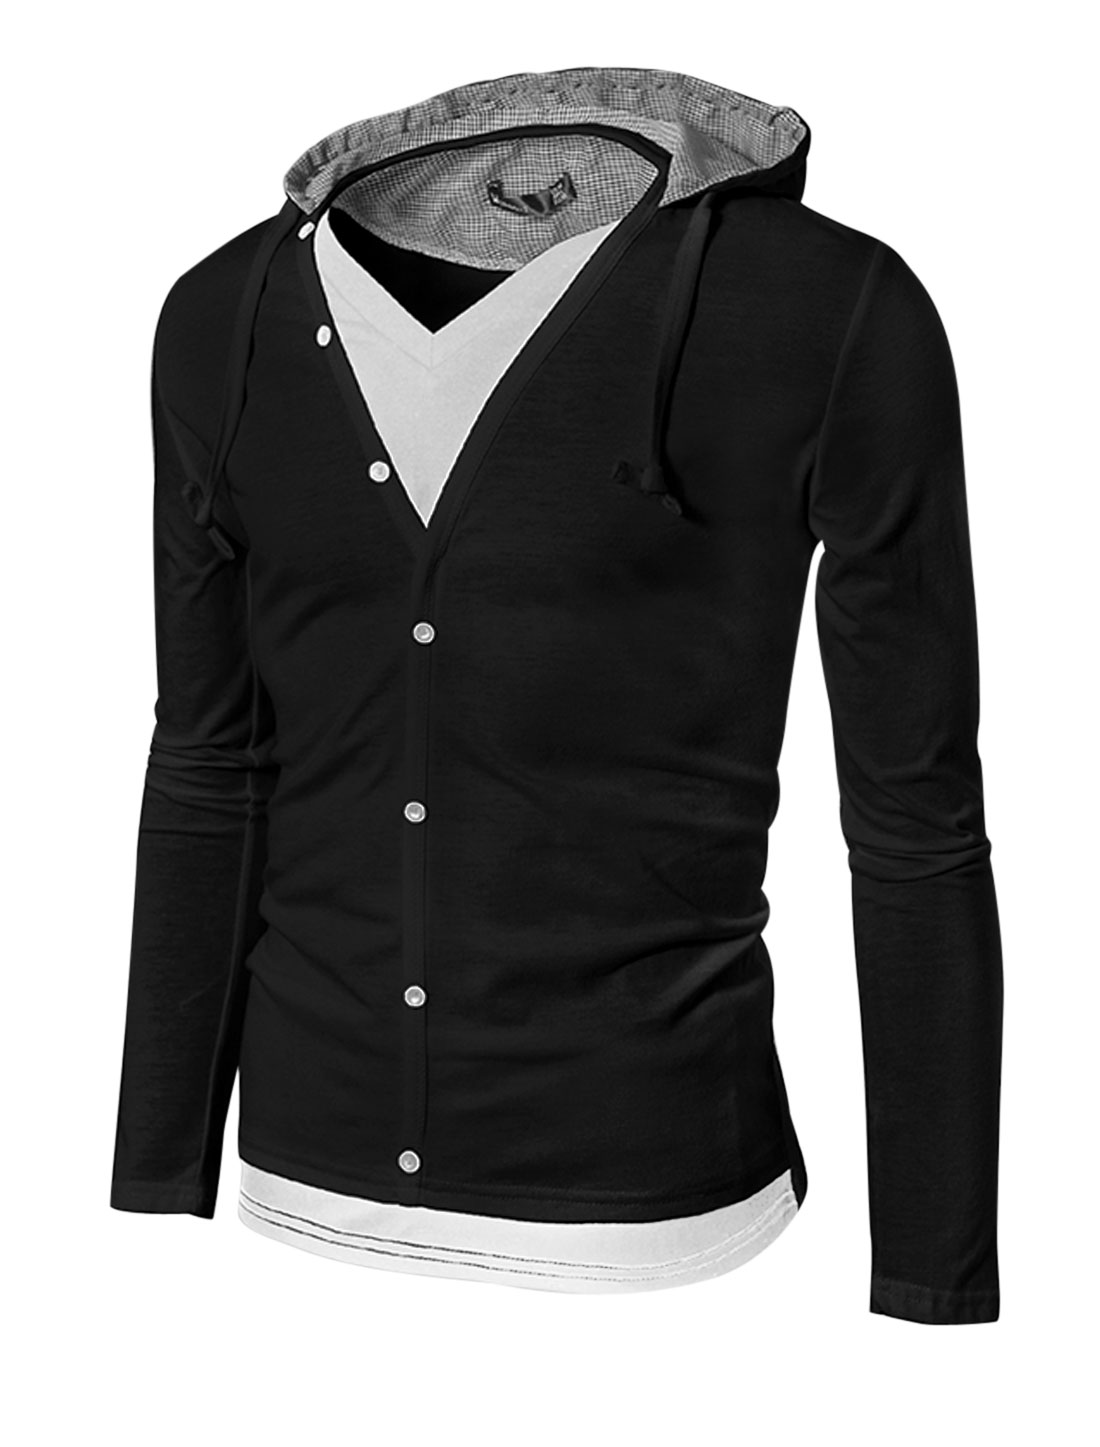 Men Layered Designs Long Sleeve Fashion Design Hoodie Causal Jacket Black S